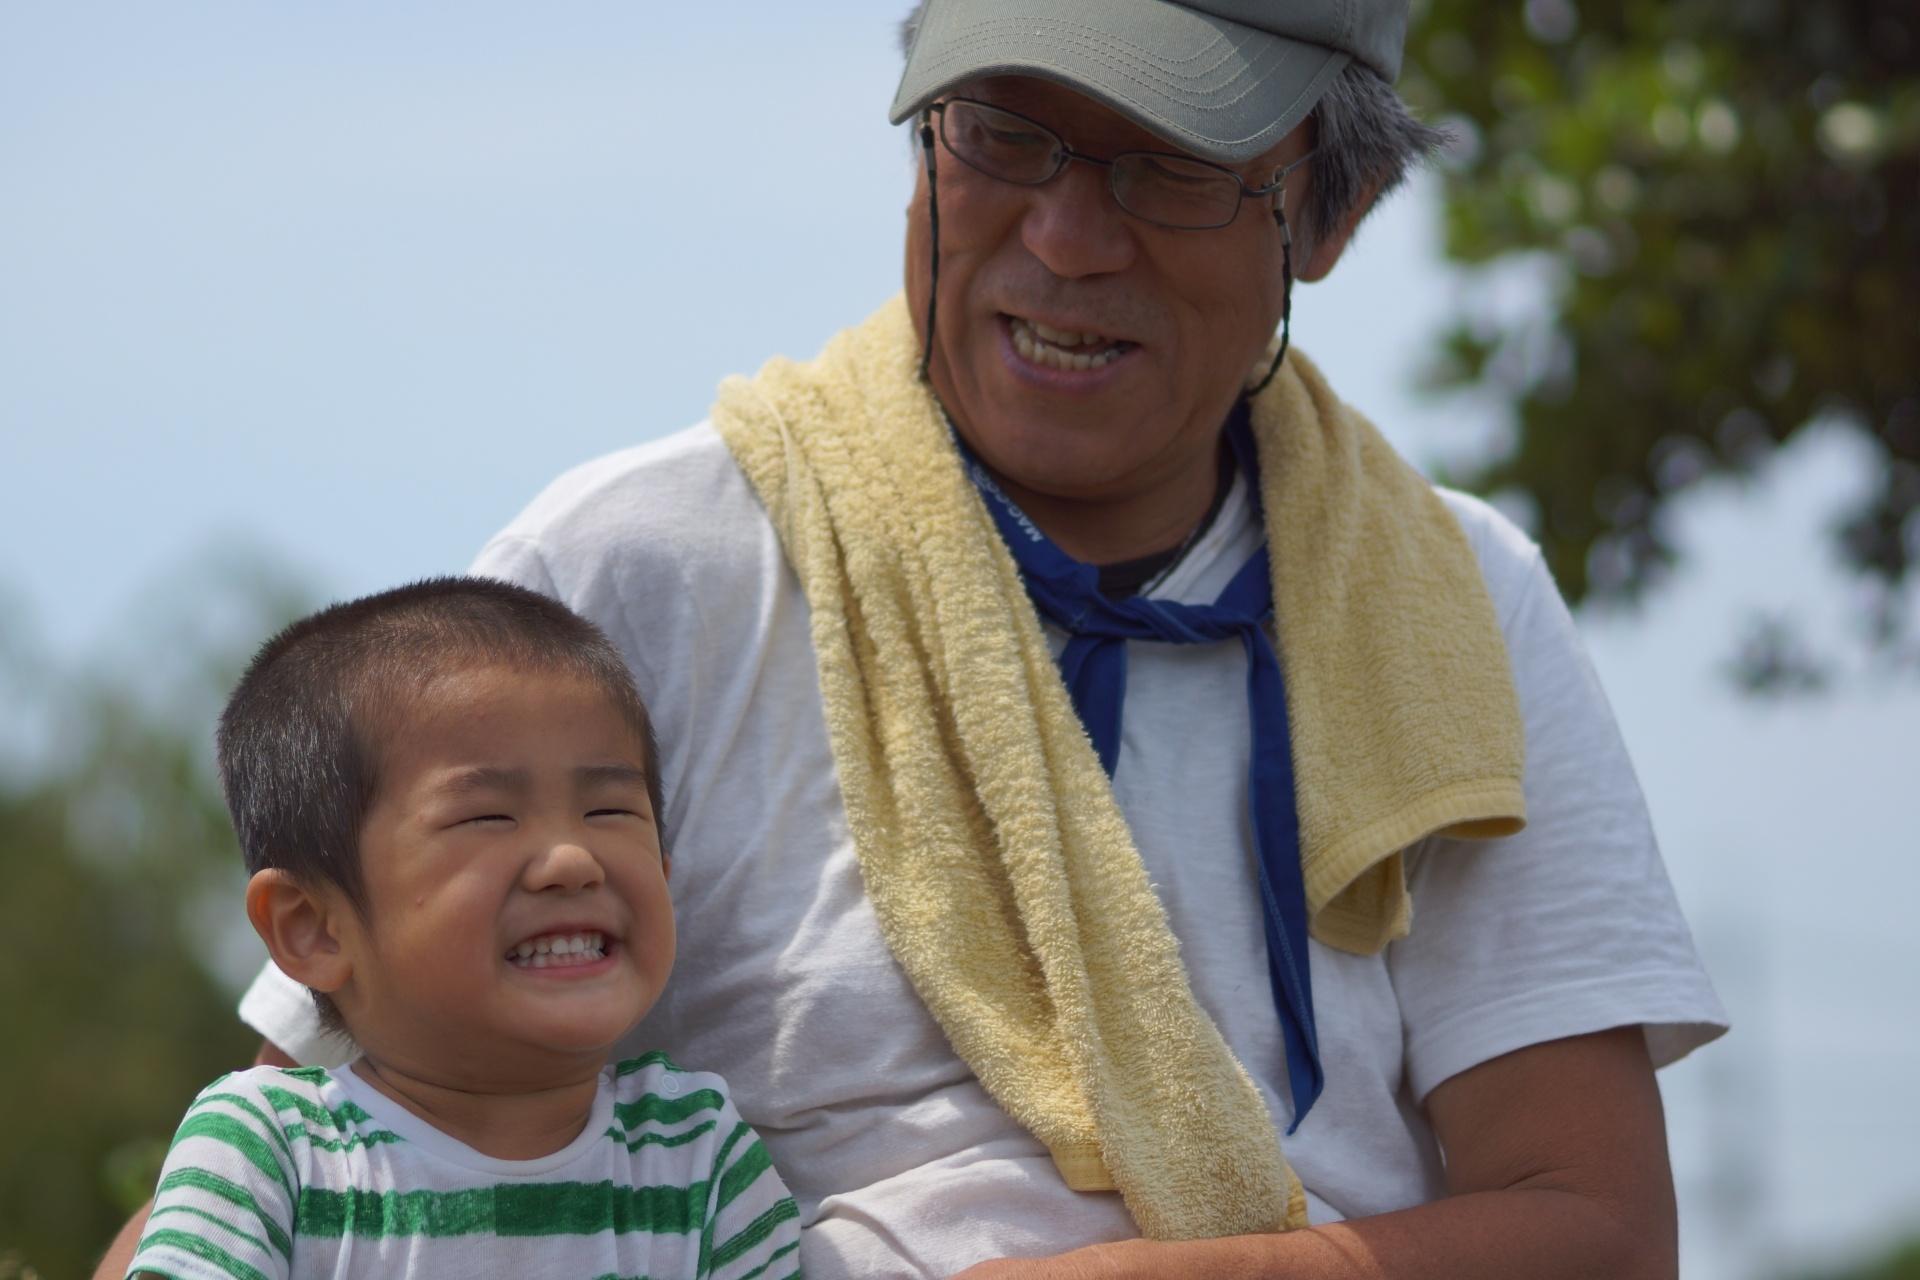 笑っている孫とそれを見て微笑んでいる老人。